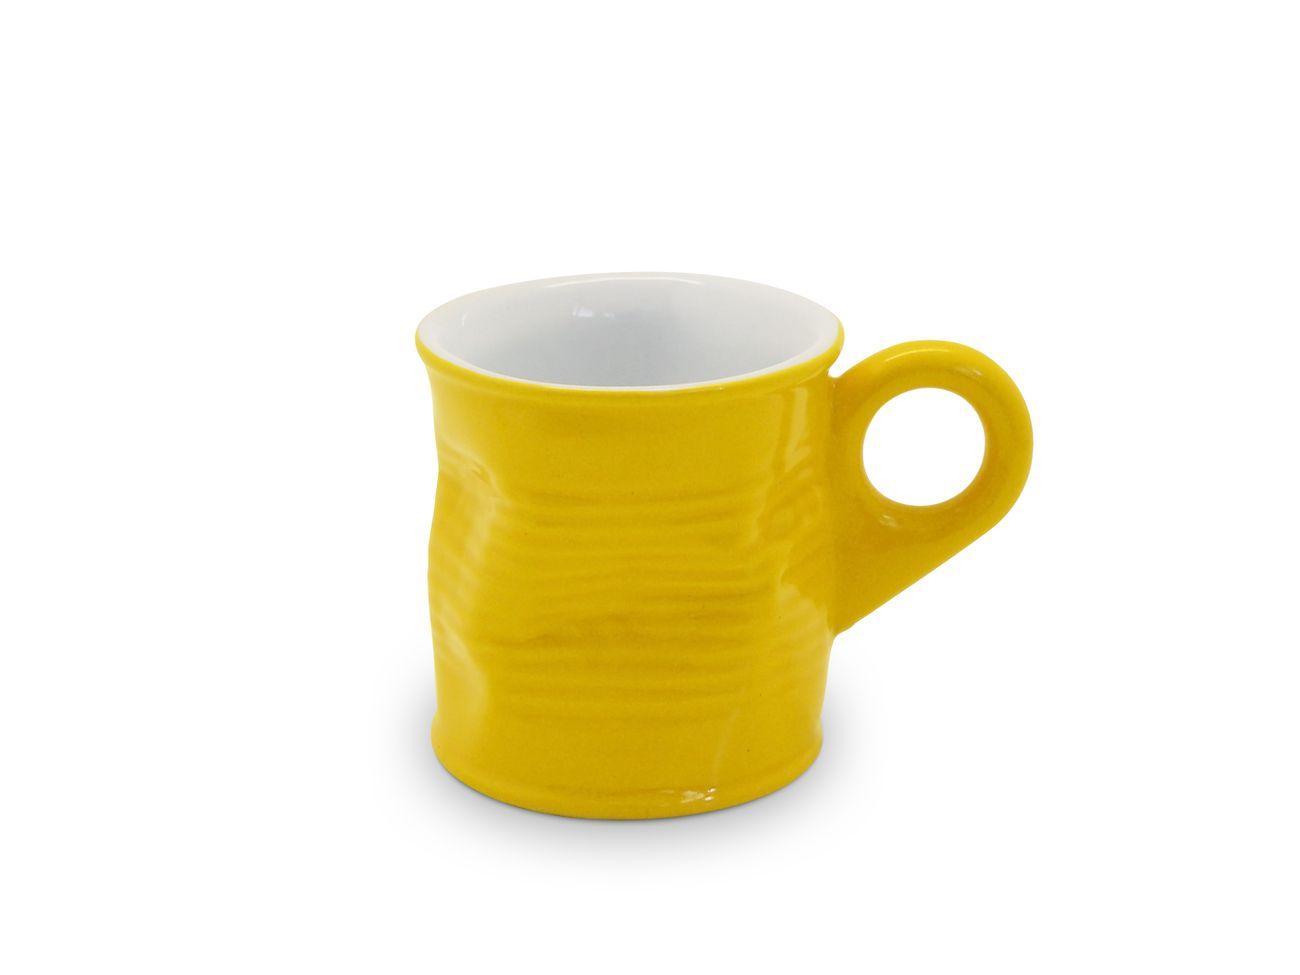 Cafézinho Lata Amassada 70Ml - Amarelo